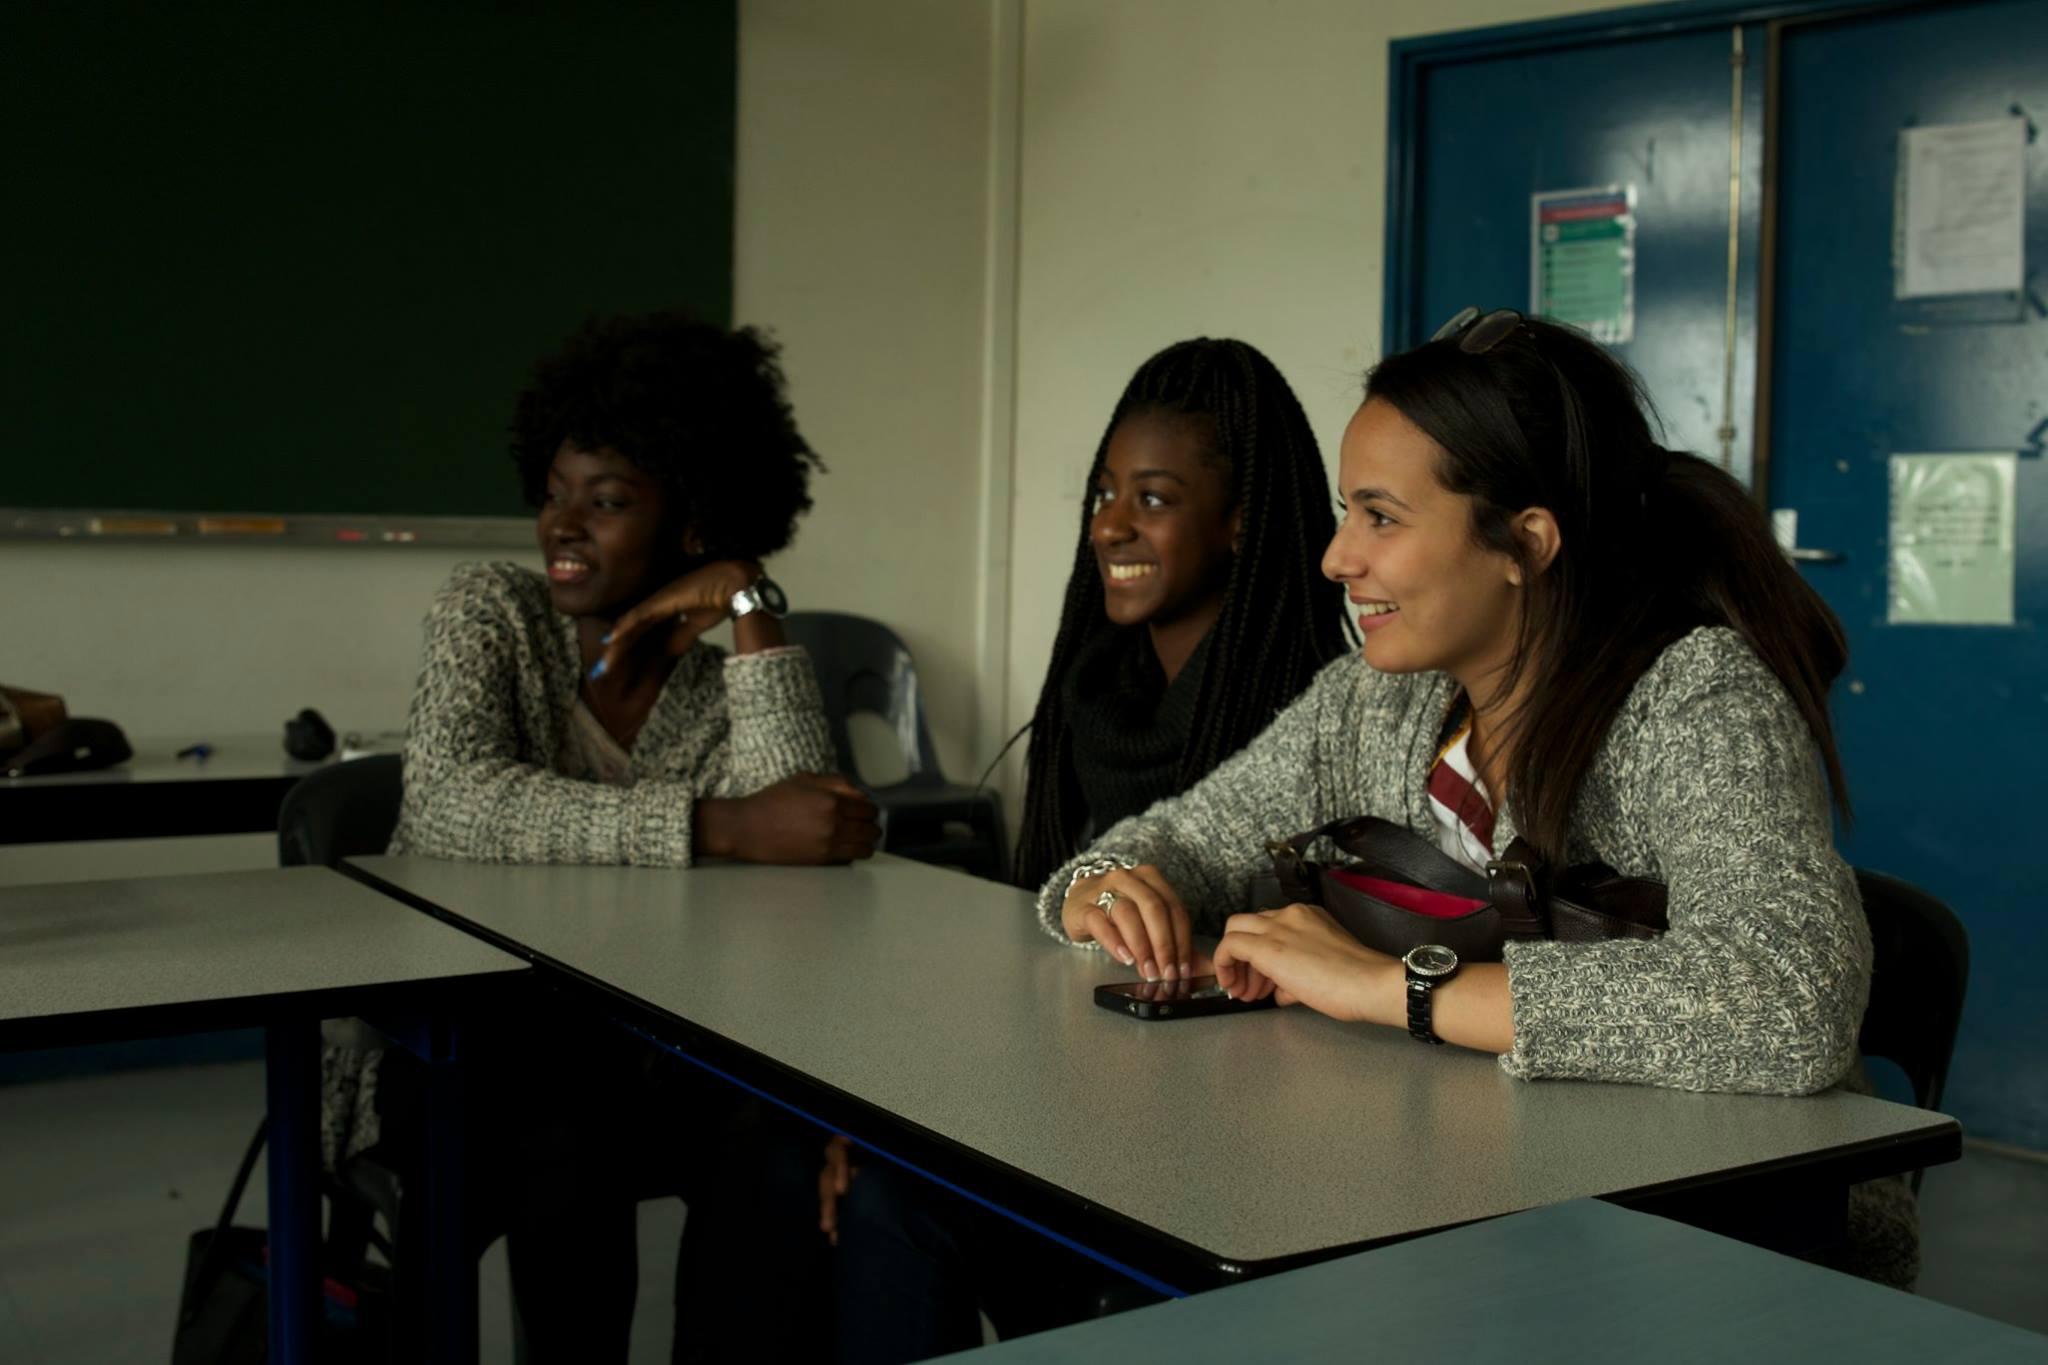 15 octobre Lycée Berthelot : Un plaidoyer pour les Amérindiens de Guyane française en partenariat avec Sciences Po Toulouse